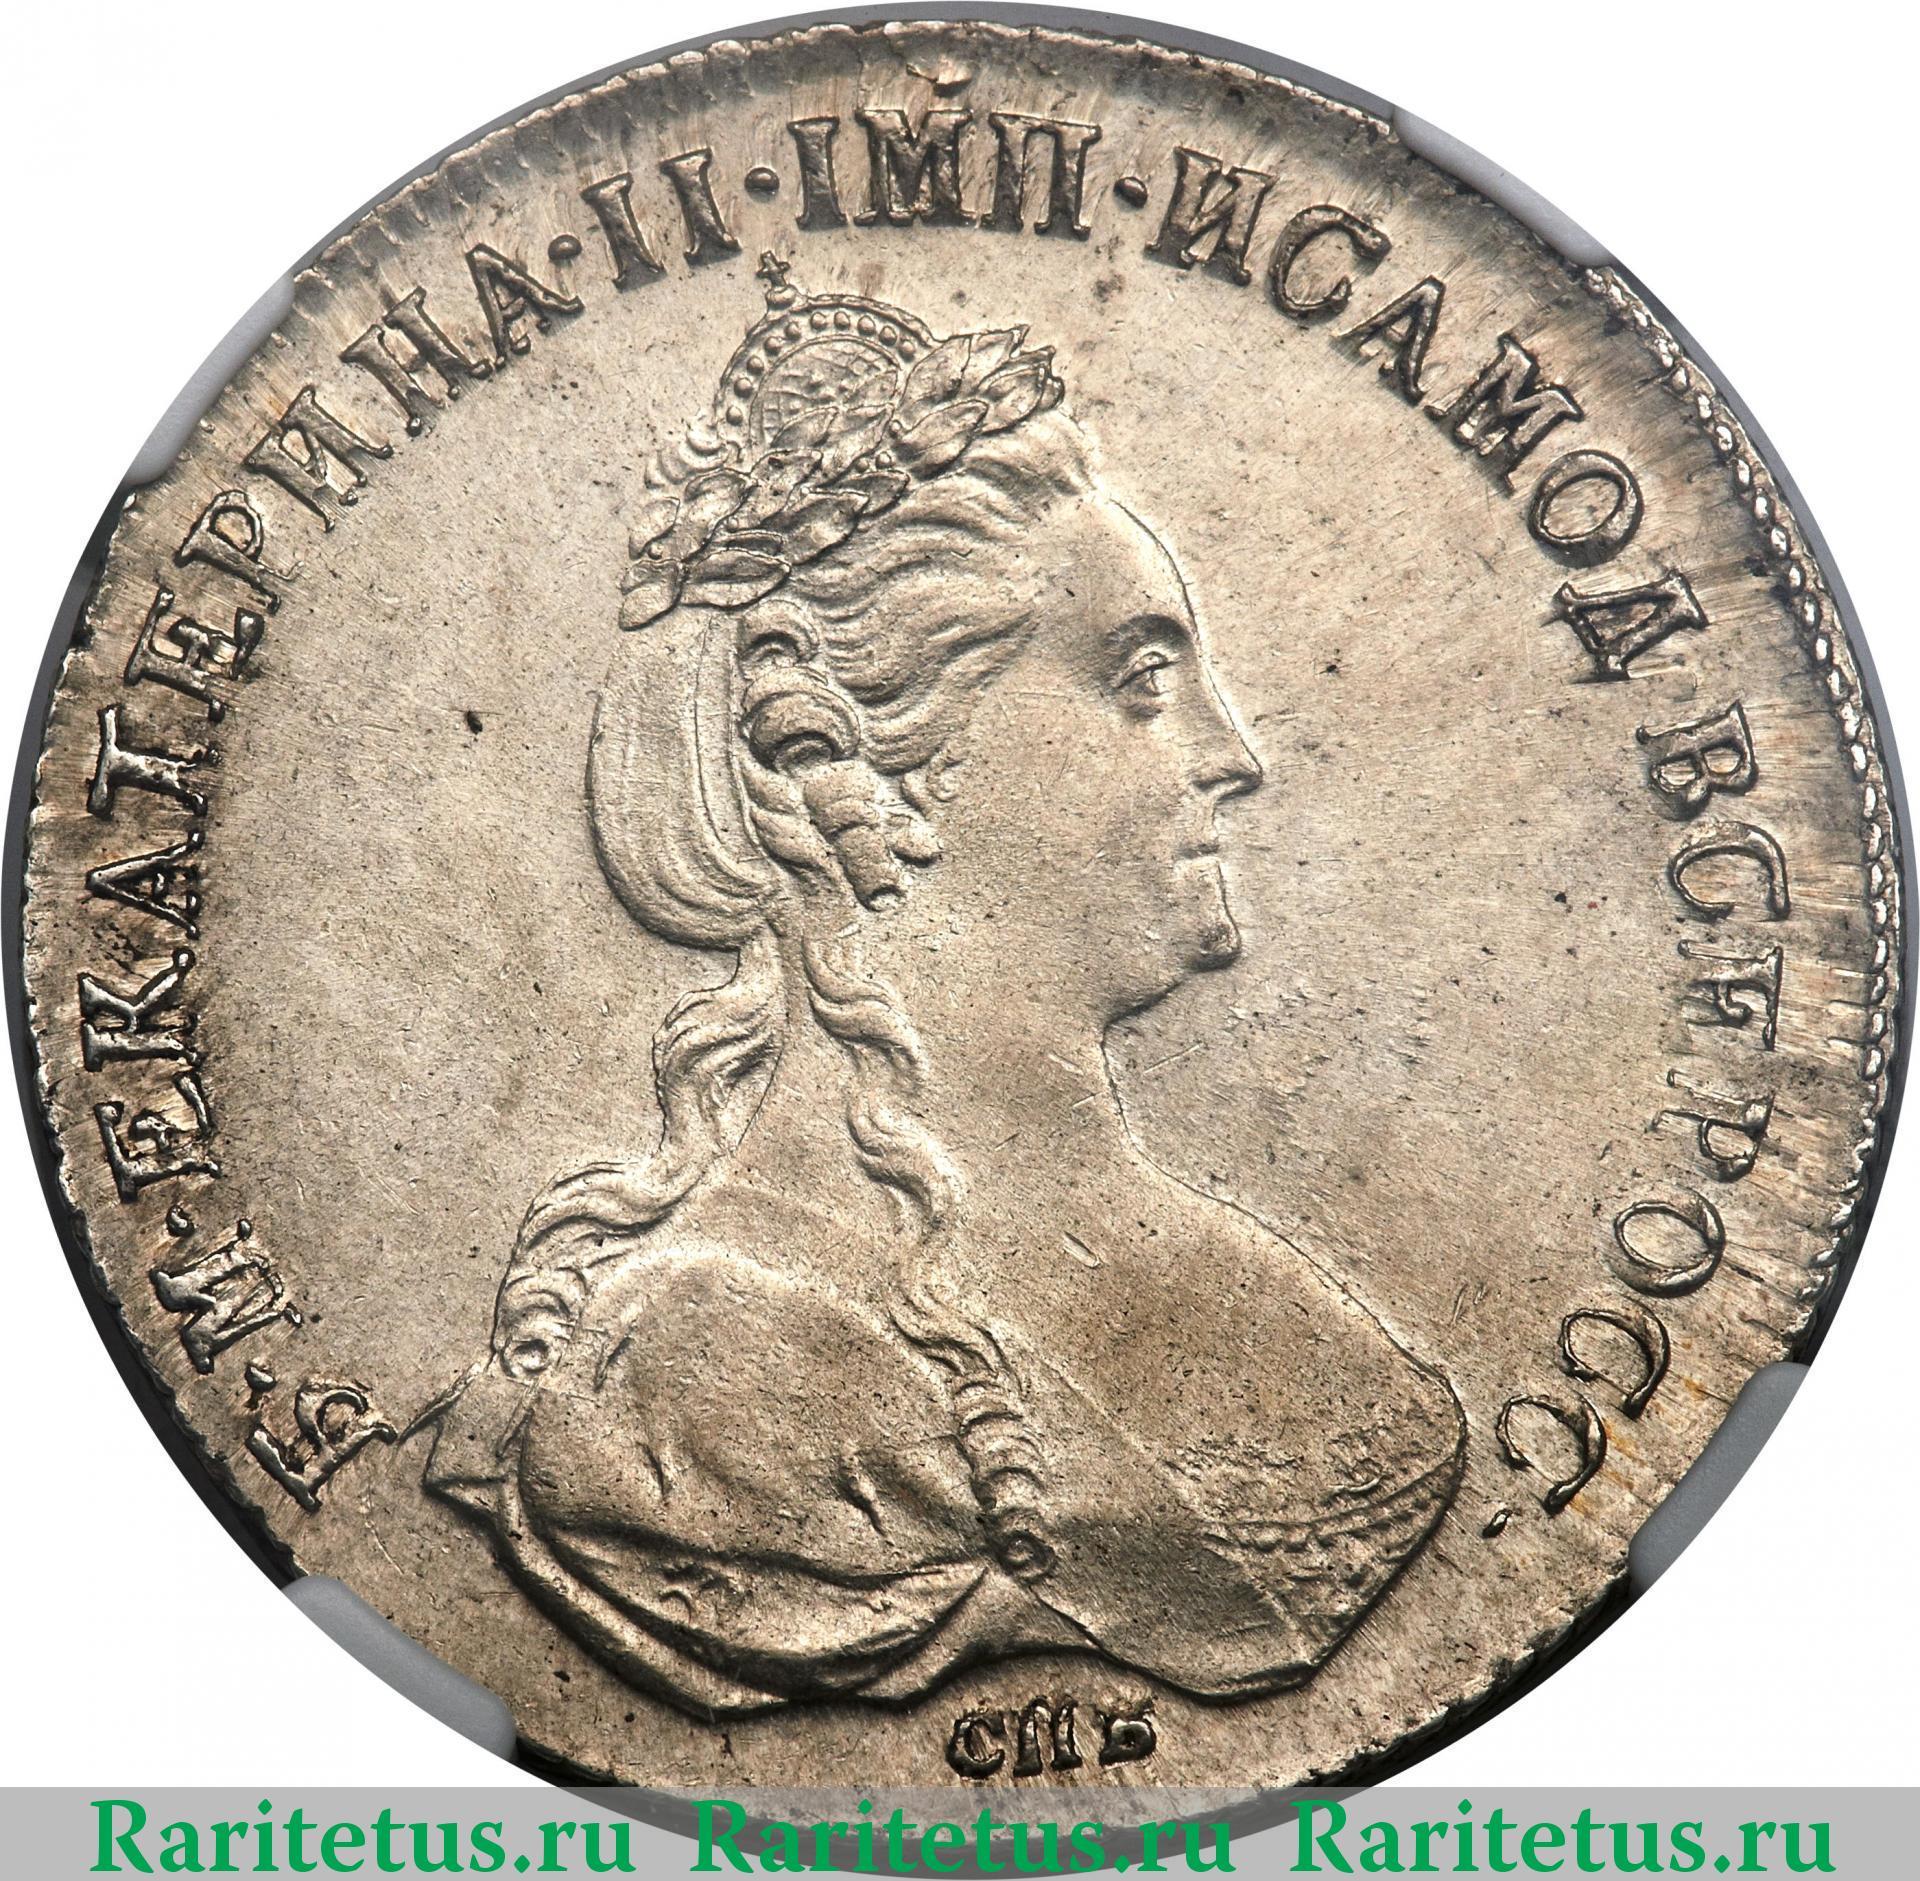 Екатерининский рубль цена.